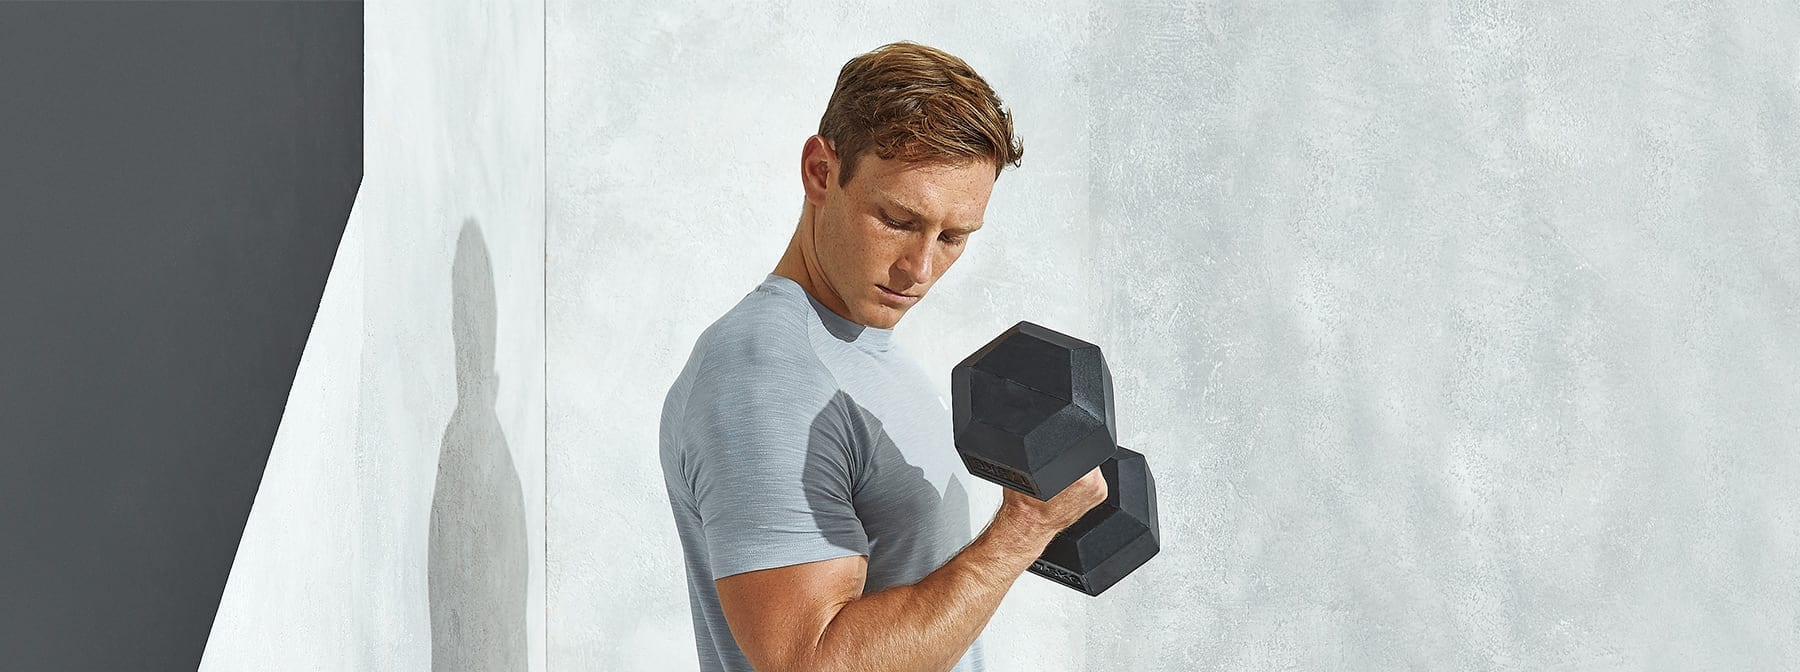 6 Wochen Trainings- & Ernährungsplan | Verliere Gewicht, baue Muskeln auf